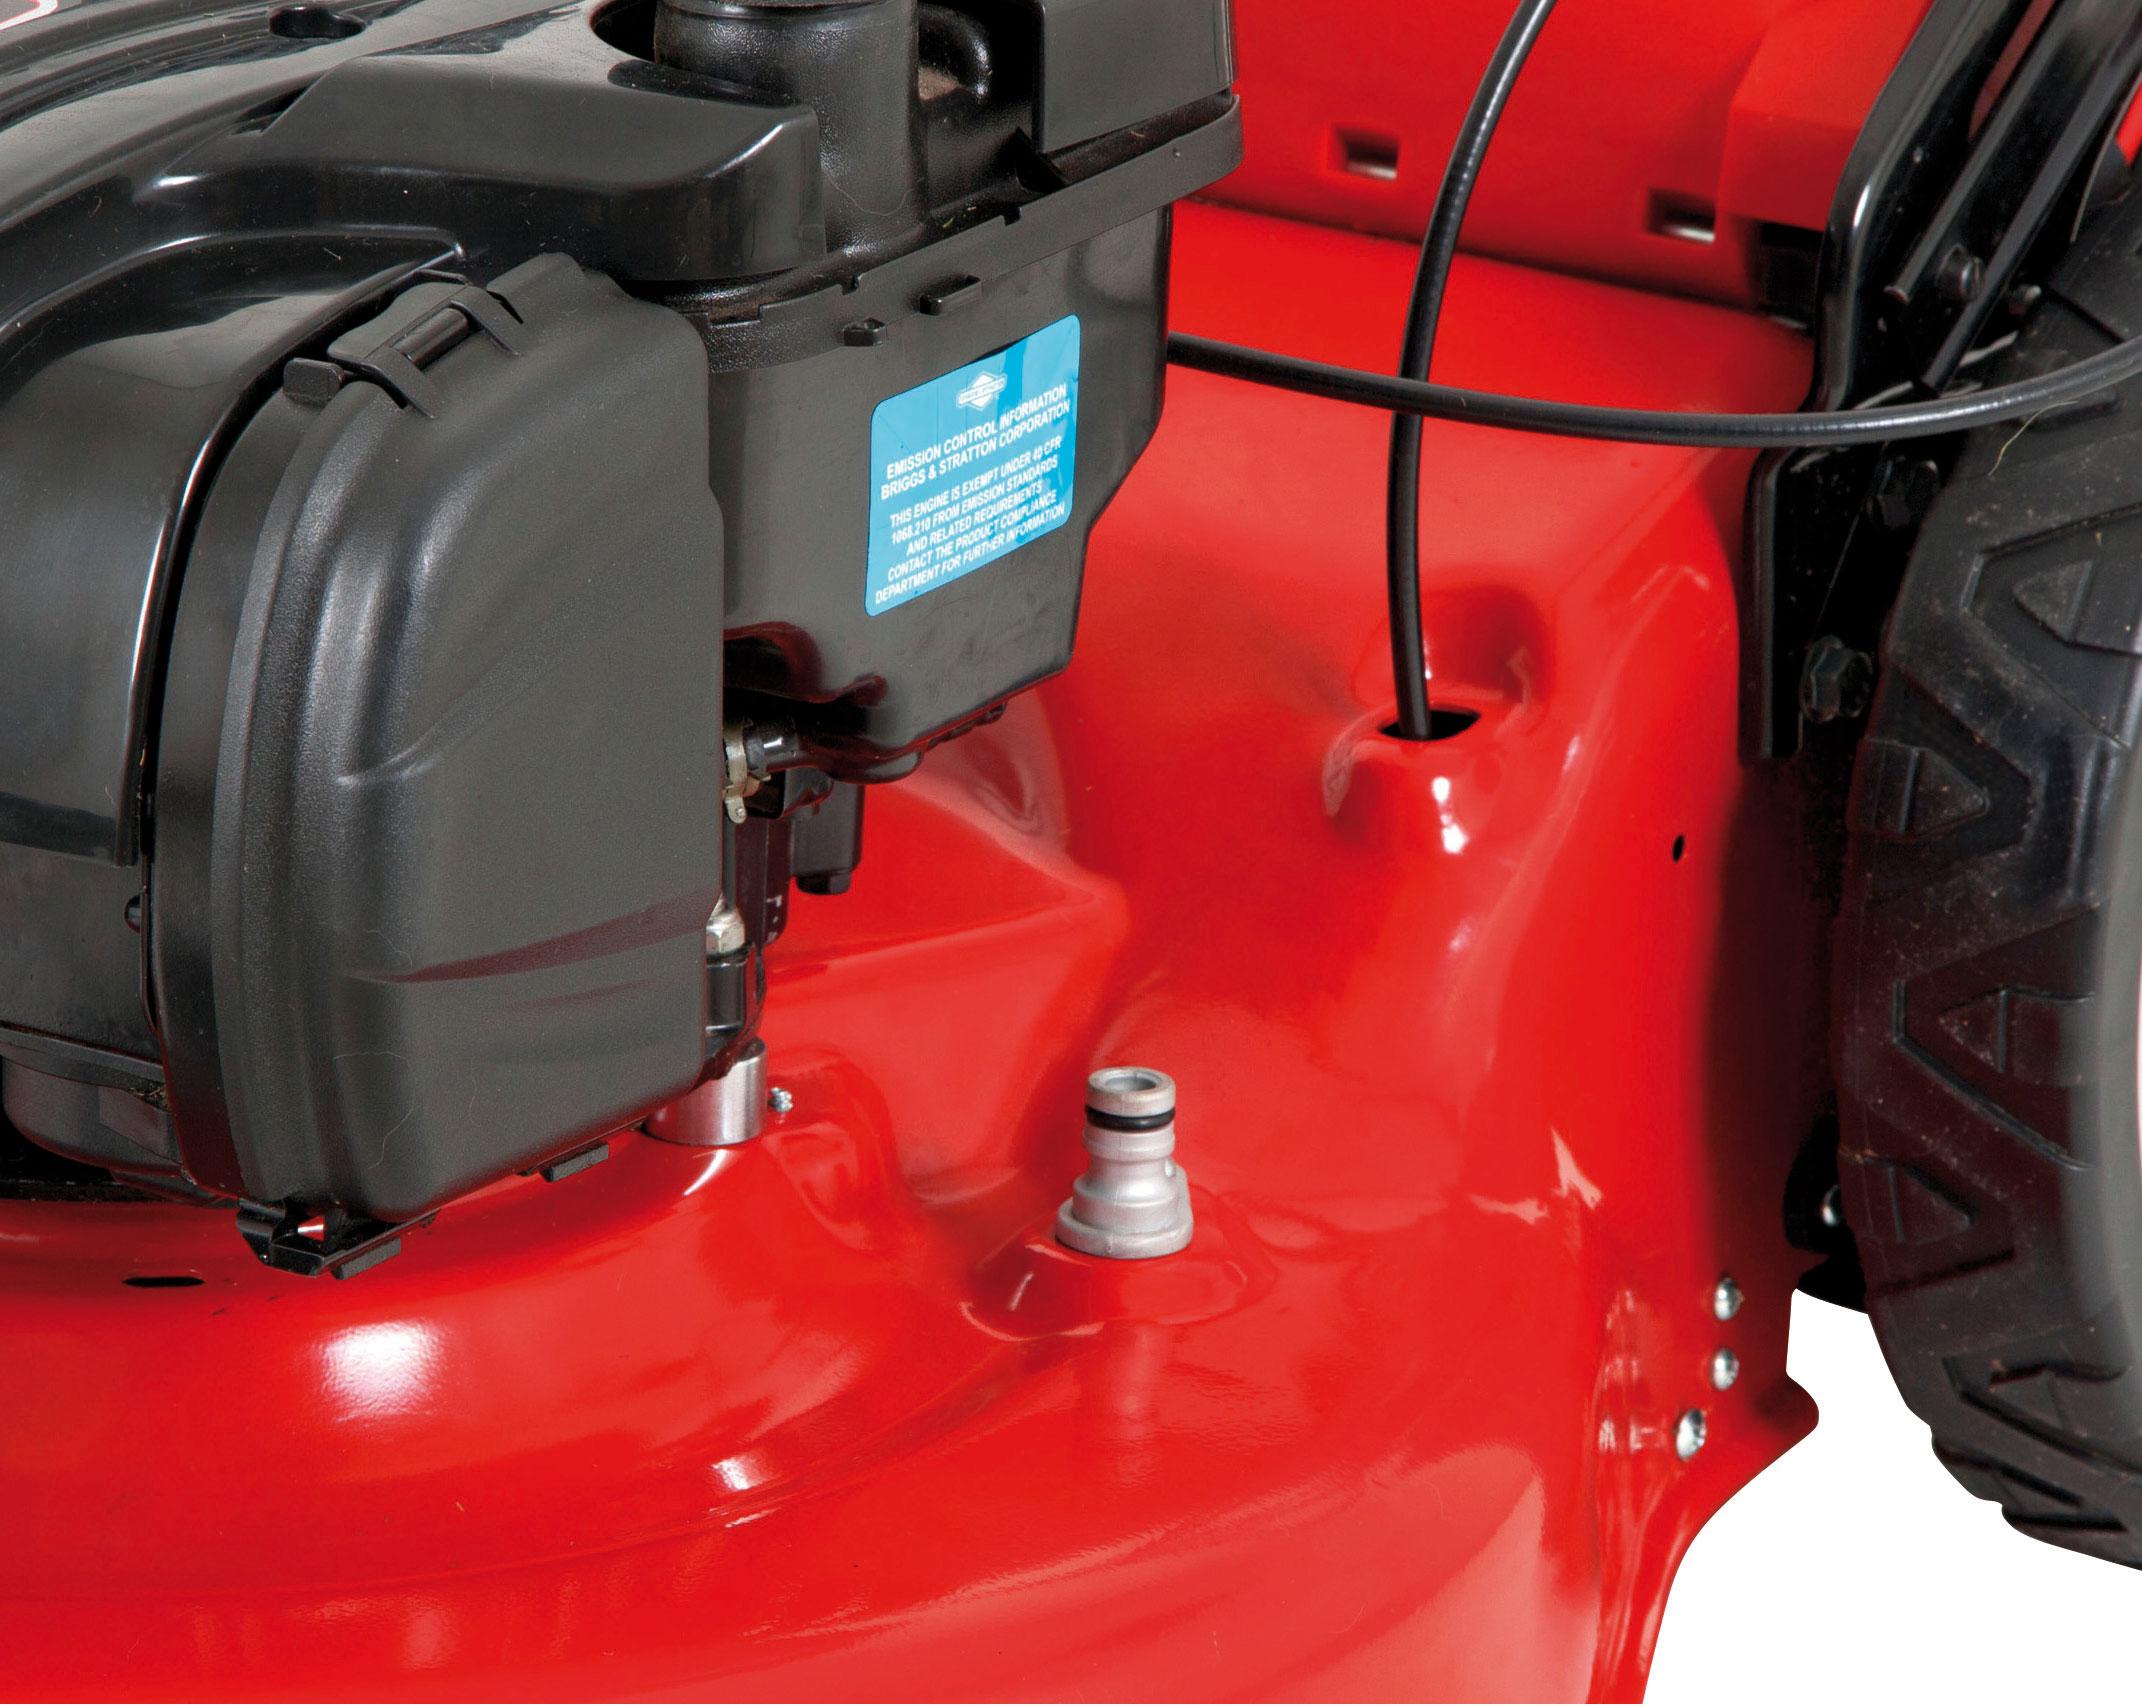 Benzin Rasenmäher Grizzly BRM 51 150 BSAT Trike B&S Motor 2,3kW 51cm Bild 4